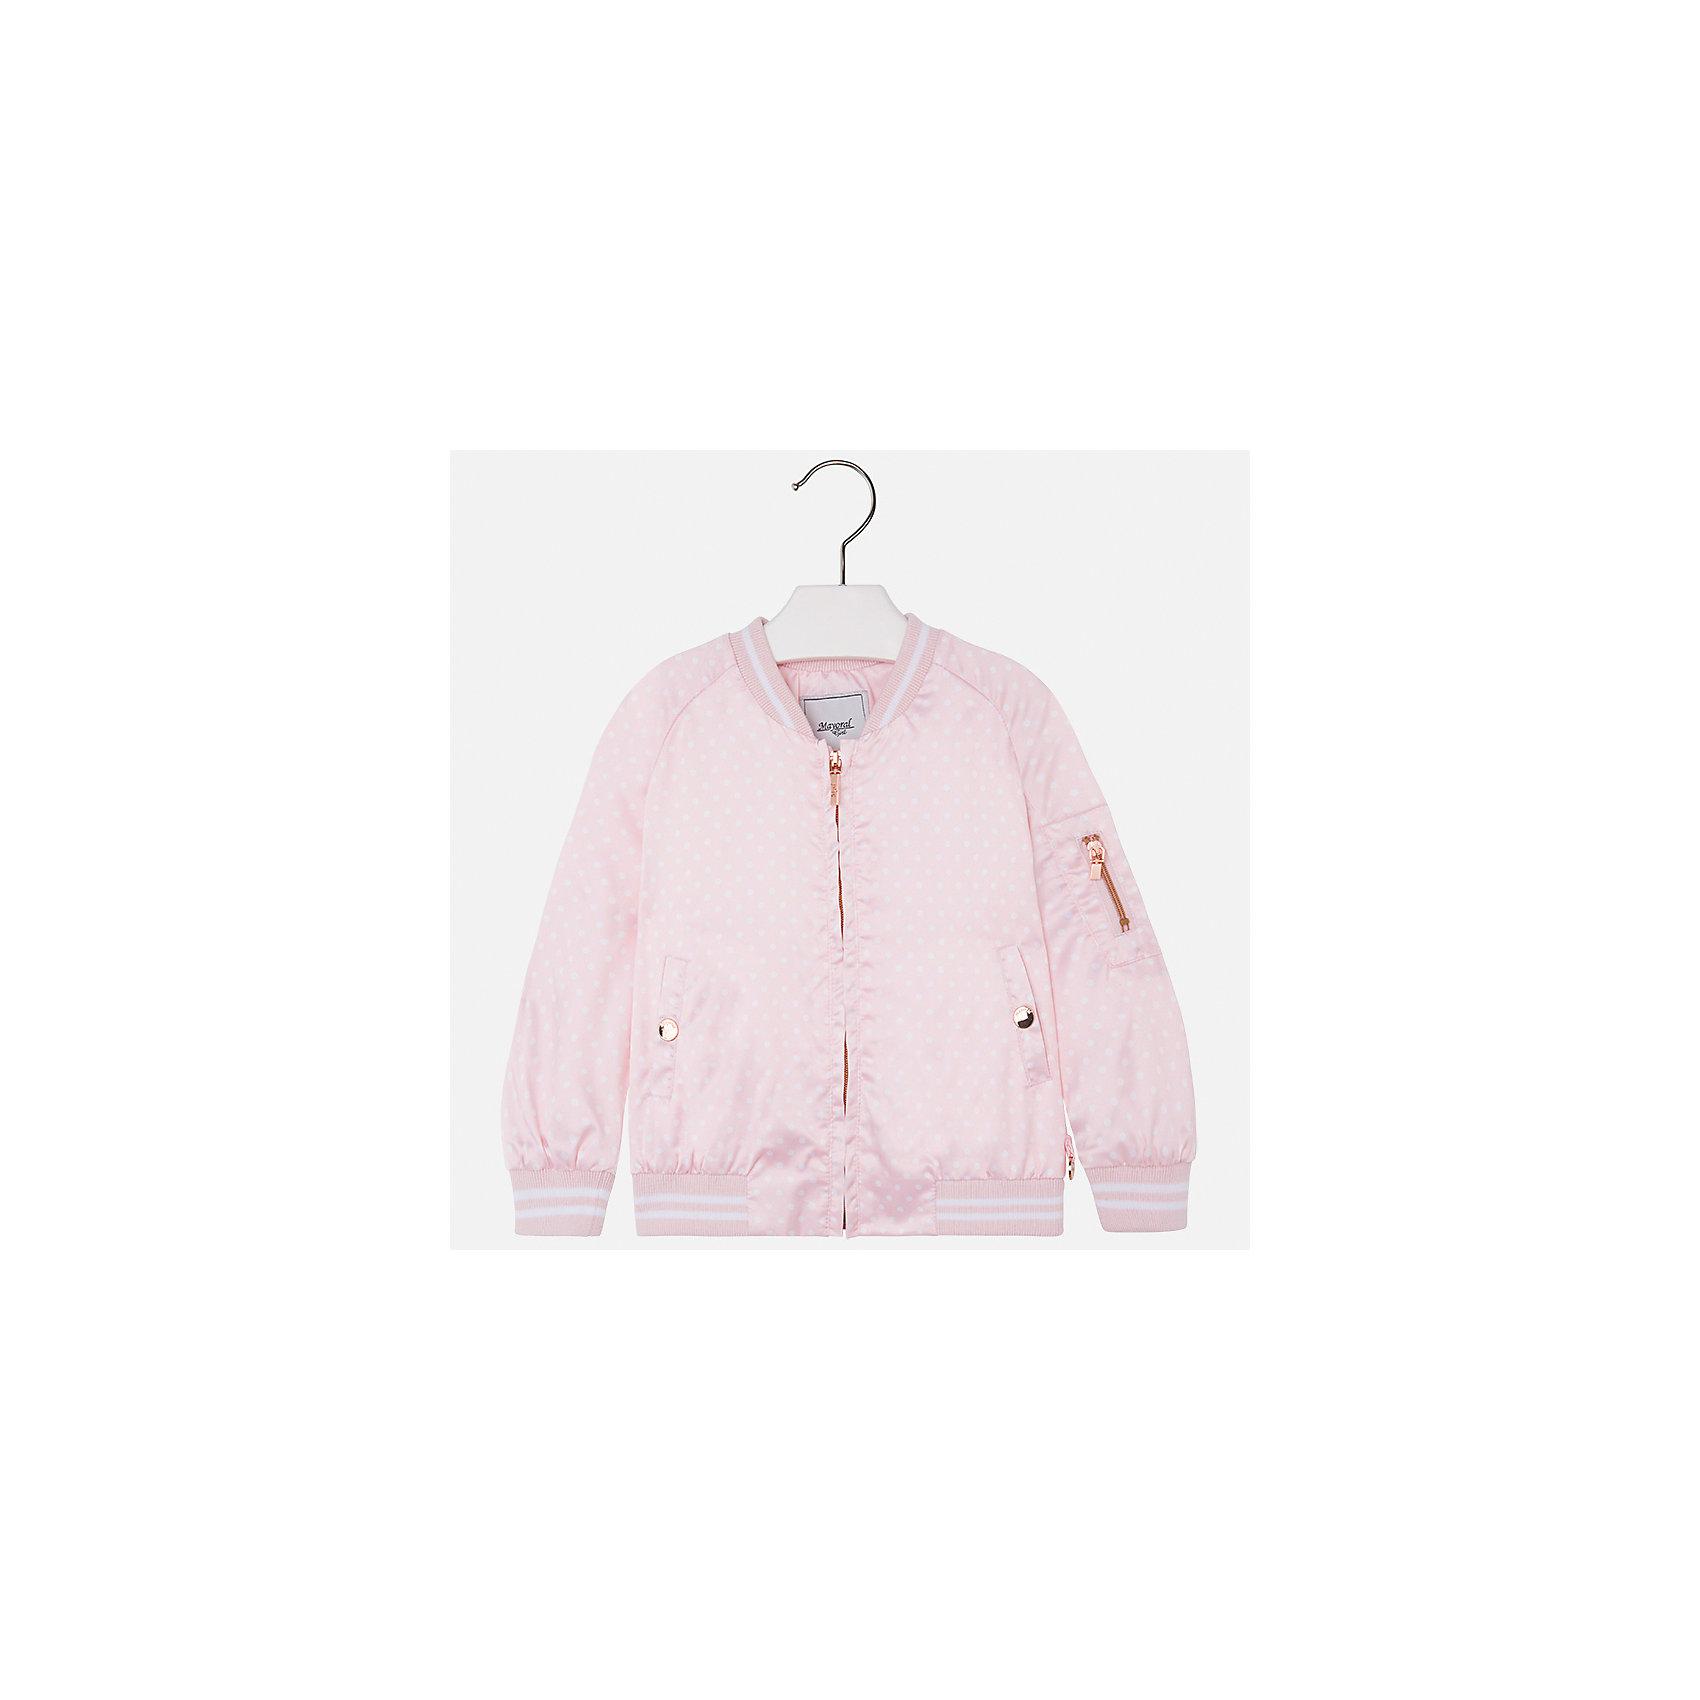 Куртка для девочки MayoralВерхняя одежда<br>Характеристики товара:<br><br>• цвет: розовый<br>• состав: 97% полиэстер, 3% эластан<br>• застежка: молния<br>• карманы<br>• с длинными рукавами <br>• манжеты<br>• низ - трикотажная резинка<br>• страна бренда: Испания<br><br>Модная удобная куртка для девочки поможет разнообразить гардероб ребенка и обеспечить тепло в прохладную погоду. Она отлично сочетается и с юбками, и с брюками. Красивый цвет позволяет подобрать к вещи низ различных расцветок. Интересная отделка модели делает её нарядной и стильной. <br><br>Одежда, обувь и аксессуары от испанского бренда Mayoral полюбились детям и взрослым по всему миру. Модели этой марки - стильные и удобные. Для их производства используются только безопасные, качественные материалы и фурнитура. Порадуйте ребенка модными и красивыми вещами от Mayoral! <br><br>Куртку для девочки от испанского бренда Mayoral (Майорал) можно купить в нашем интернет-магазине.<br><br>Ширина мм: 356<br>Глубина мм: 10<br>Высота мм: 245<br>Вес г: 519<br>Цвет: розовый<br>Возраст от месяцев: 96<br>Возраст до месяцев: 108<br>Пол: Женский<br>Возраст: Детский<br>Размер: 134,92,98,104,110,116,122,128<br>SKU: 5290251